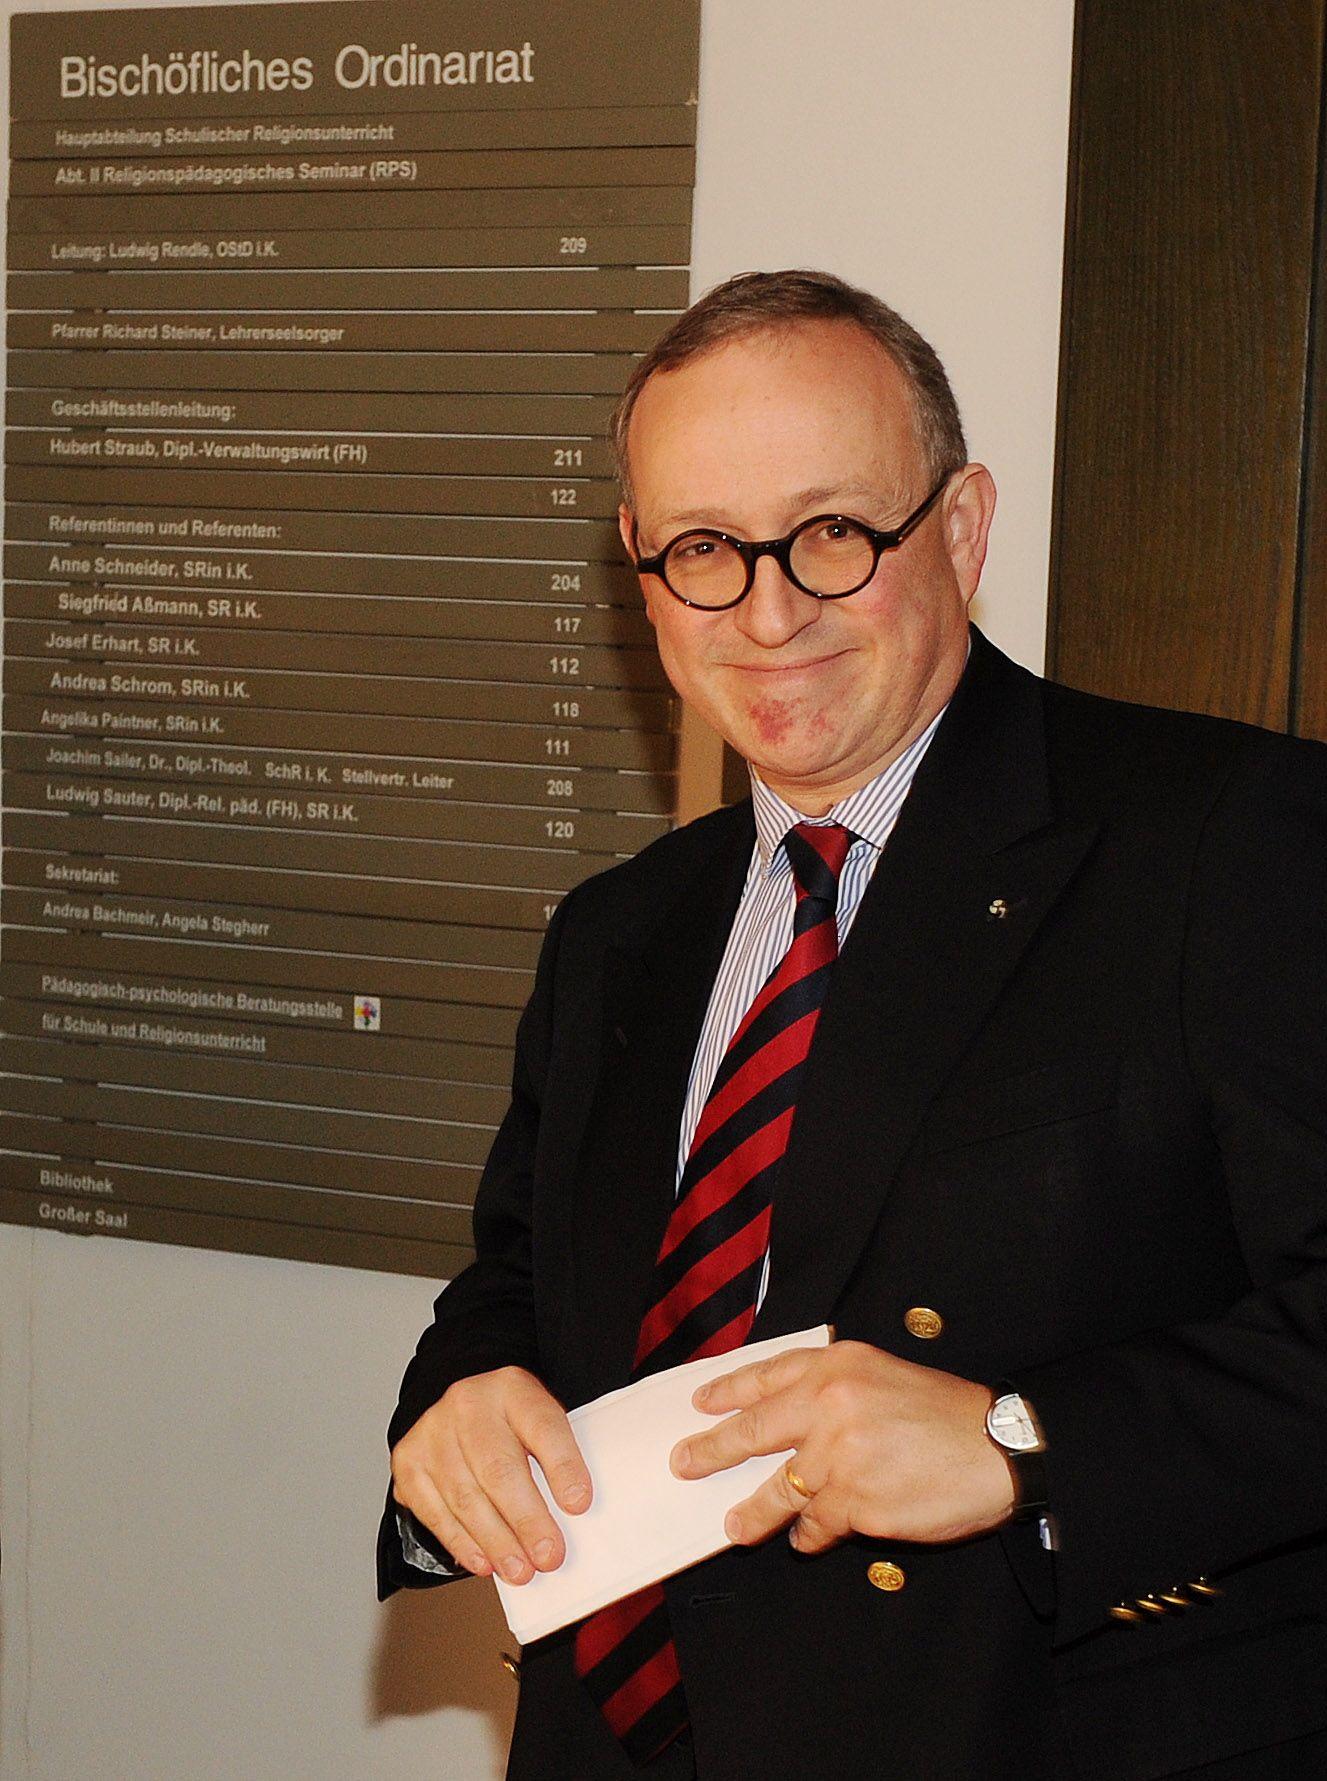 NICHT VERWENDEN Dirk Hermann Voß